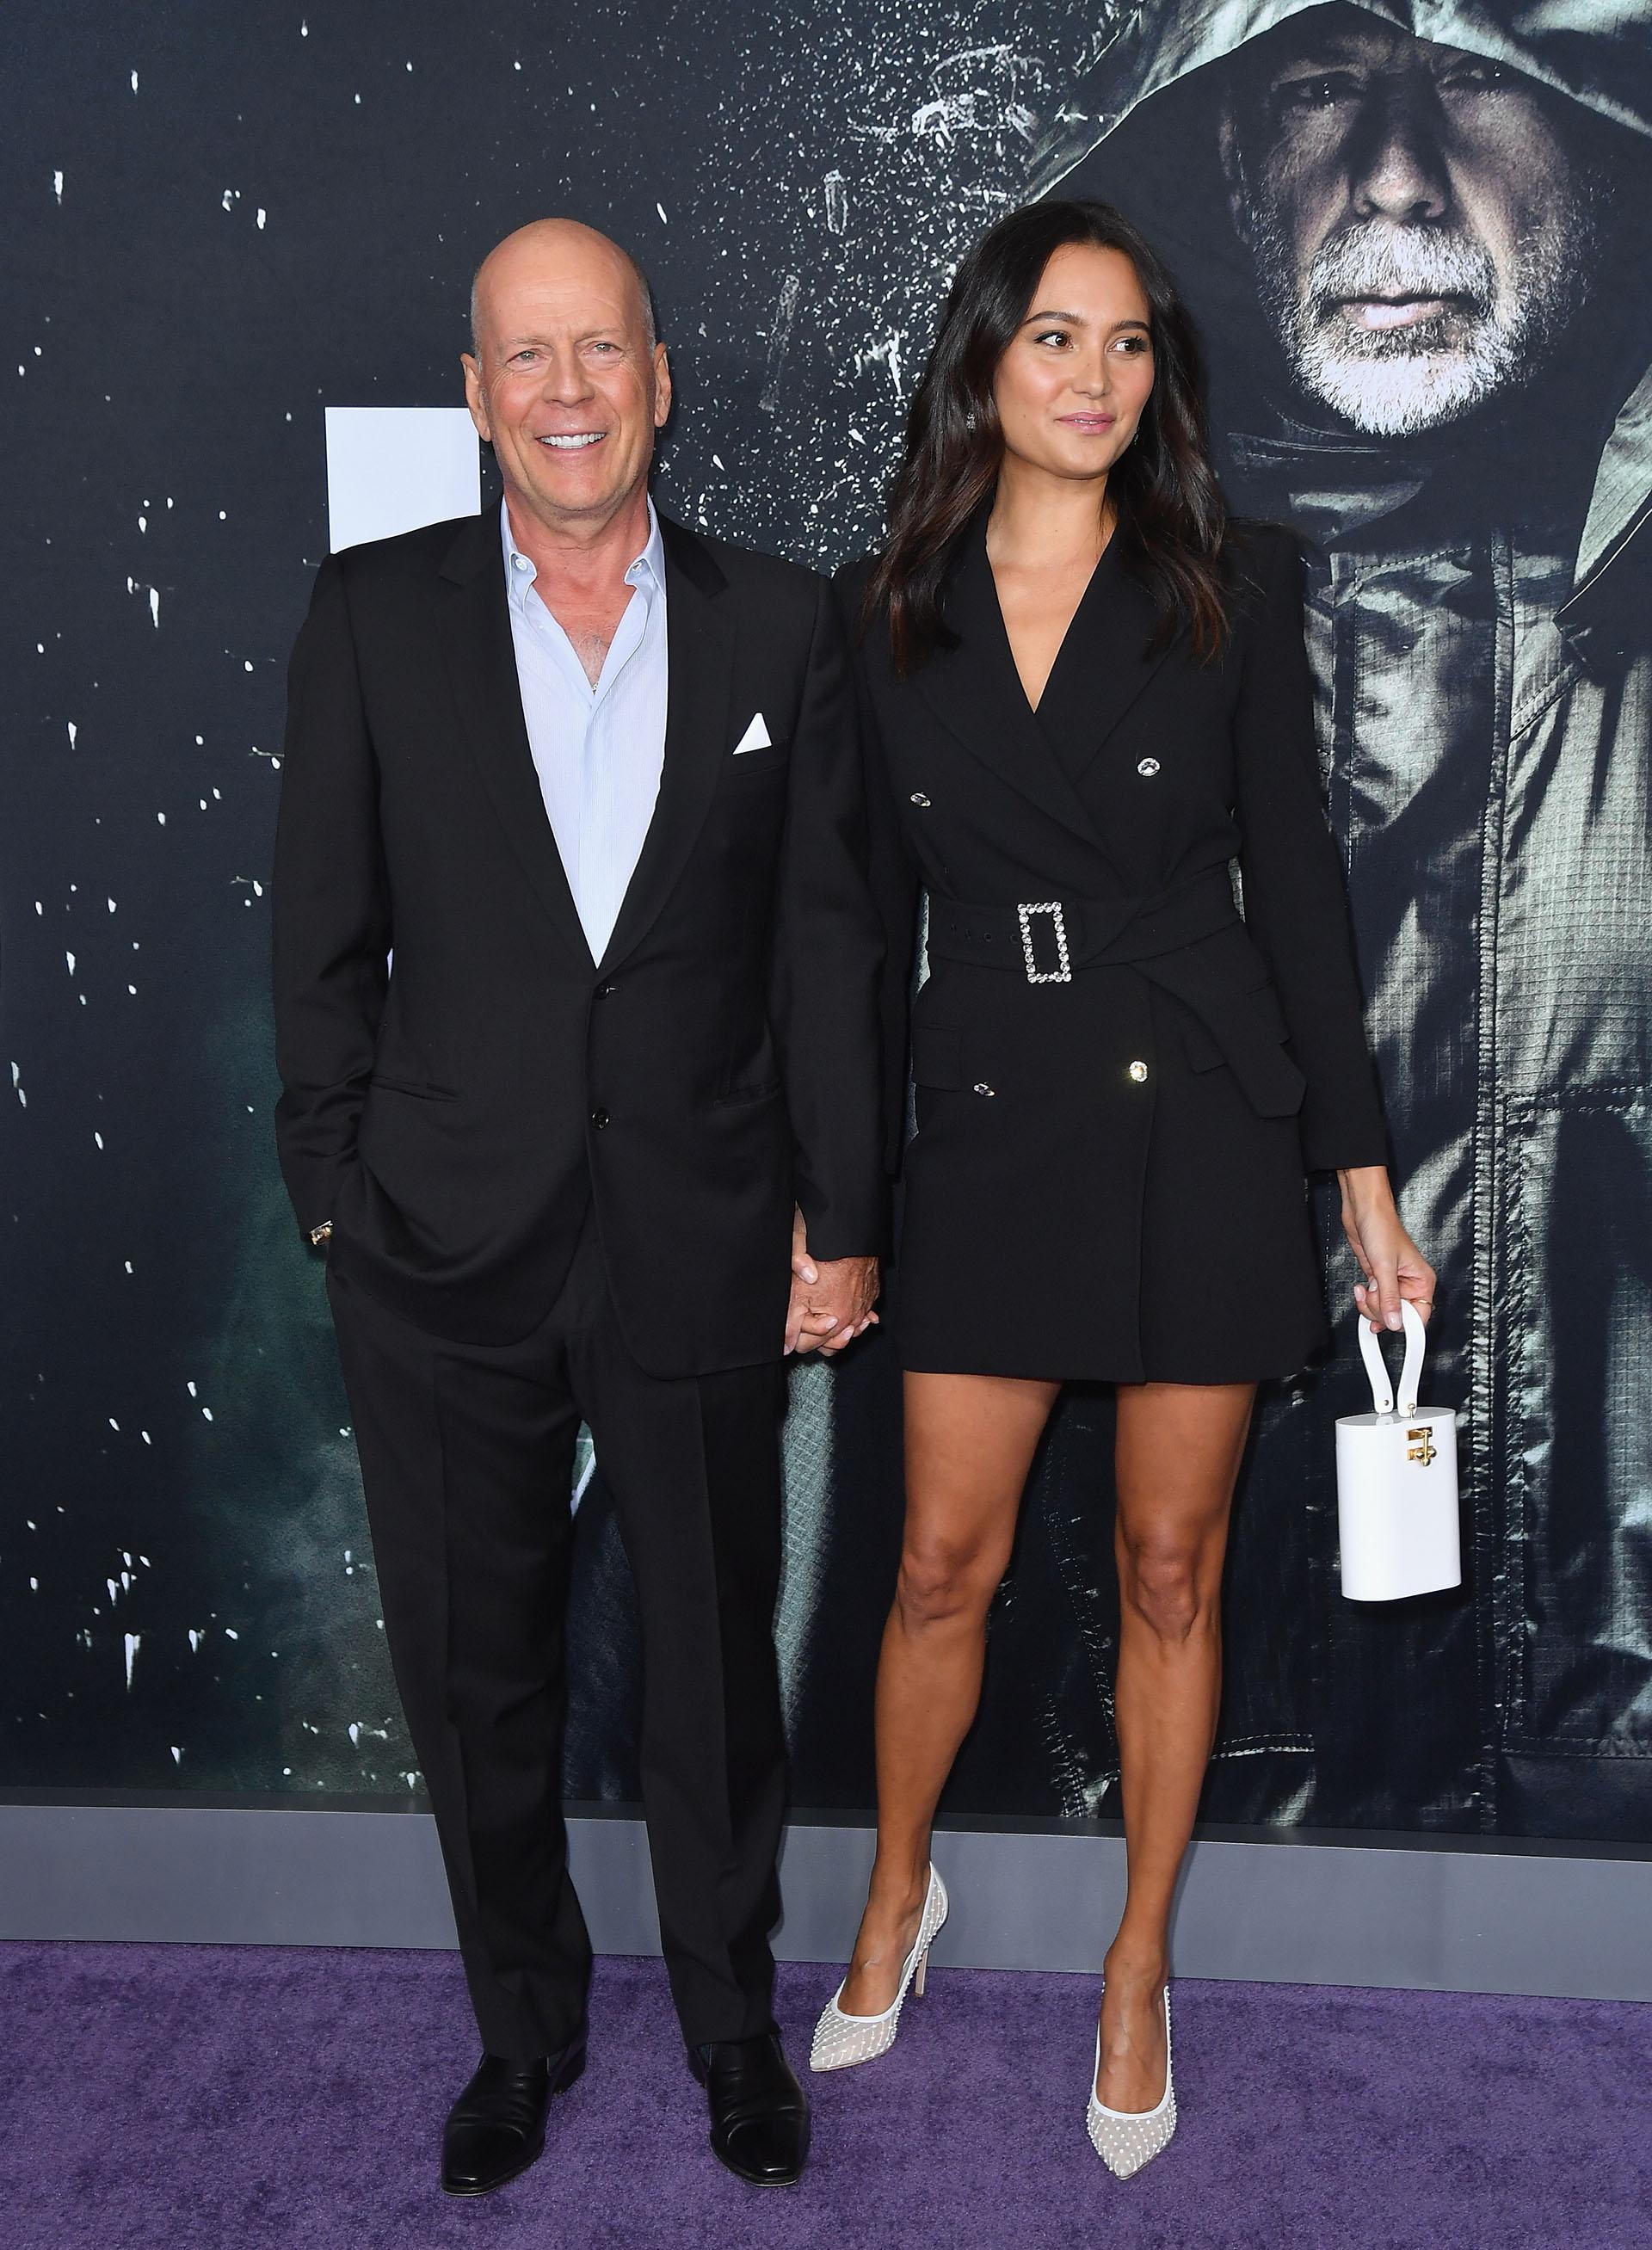 """Bruce Willis, de 63 años, junto a su mujer, la modelo inglesa Emma Heming, a su llegada a la premiere de """"Glass"""" en Nueva York. La modelo inglesa es la madre de sus dos hijas menores, Mabel y Evelyn, ya que el actor tiene tres herederas mayores, fruto de su matrimonio con Demi Moore"""